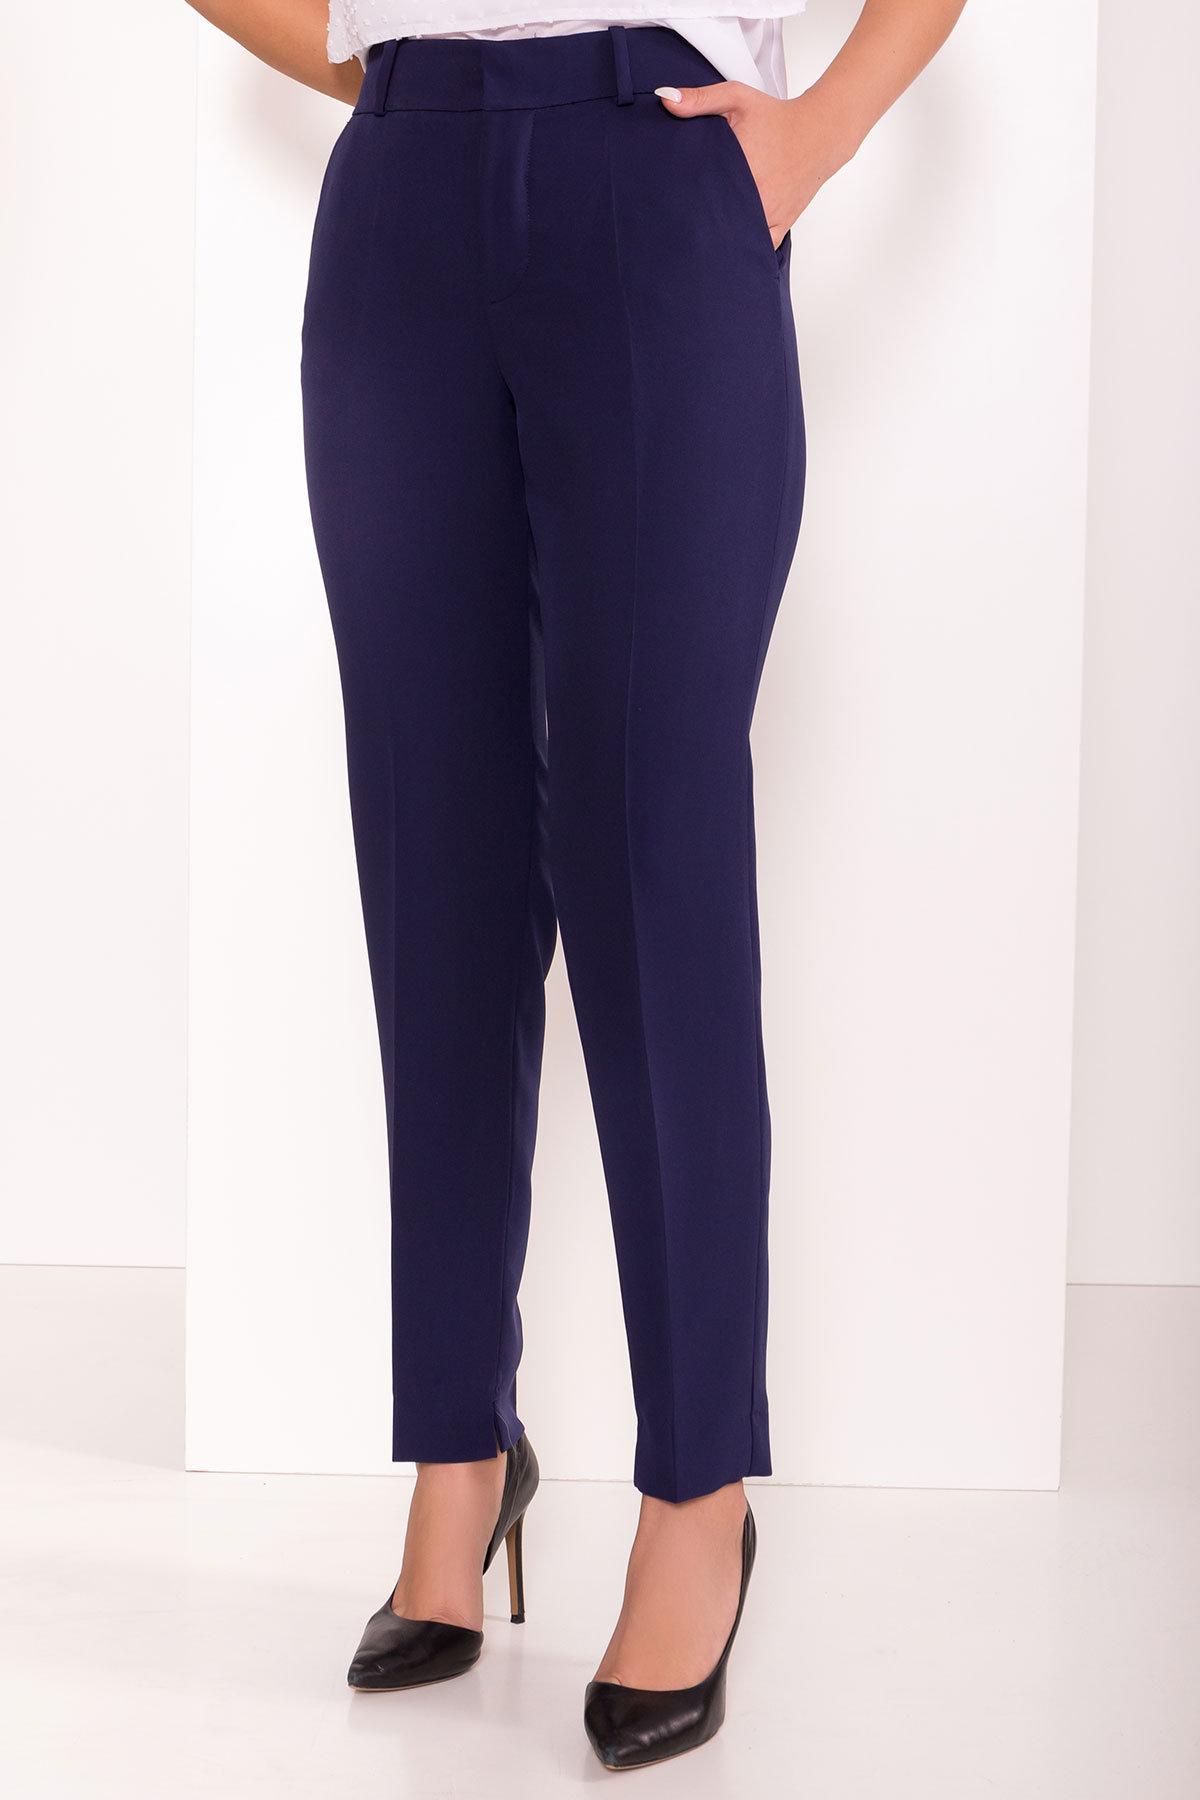 Базовые брюки со стрелками Эдвин 2467 АРТ. 15260 Цвет: Тёмно-синий - фото 5, интернет магазин tm-modus.ru